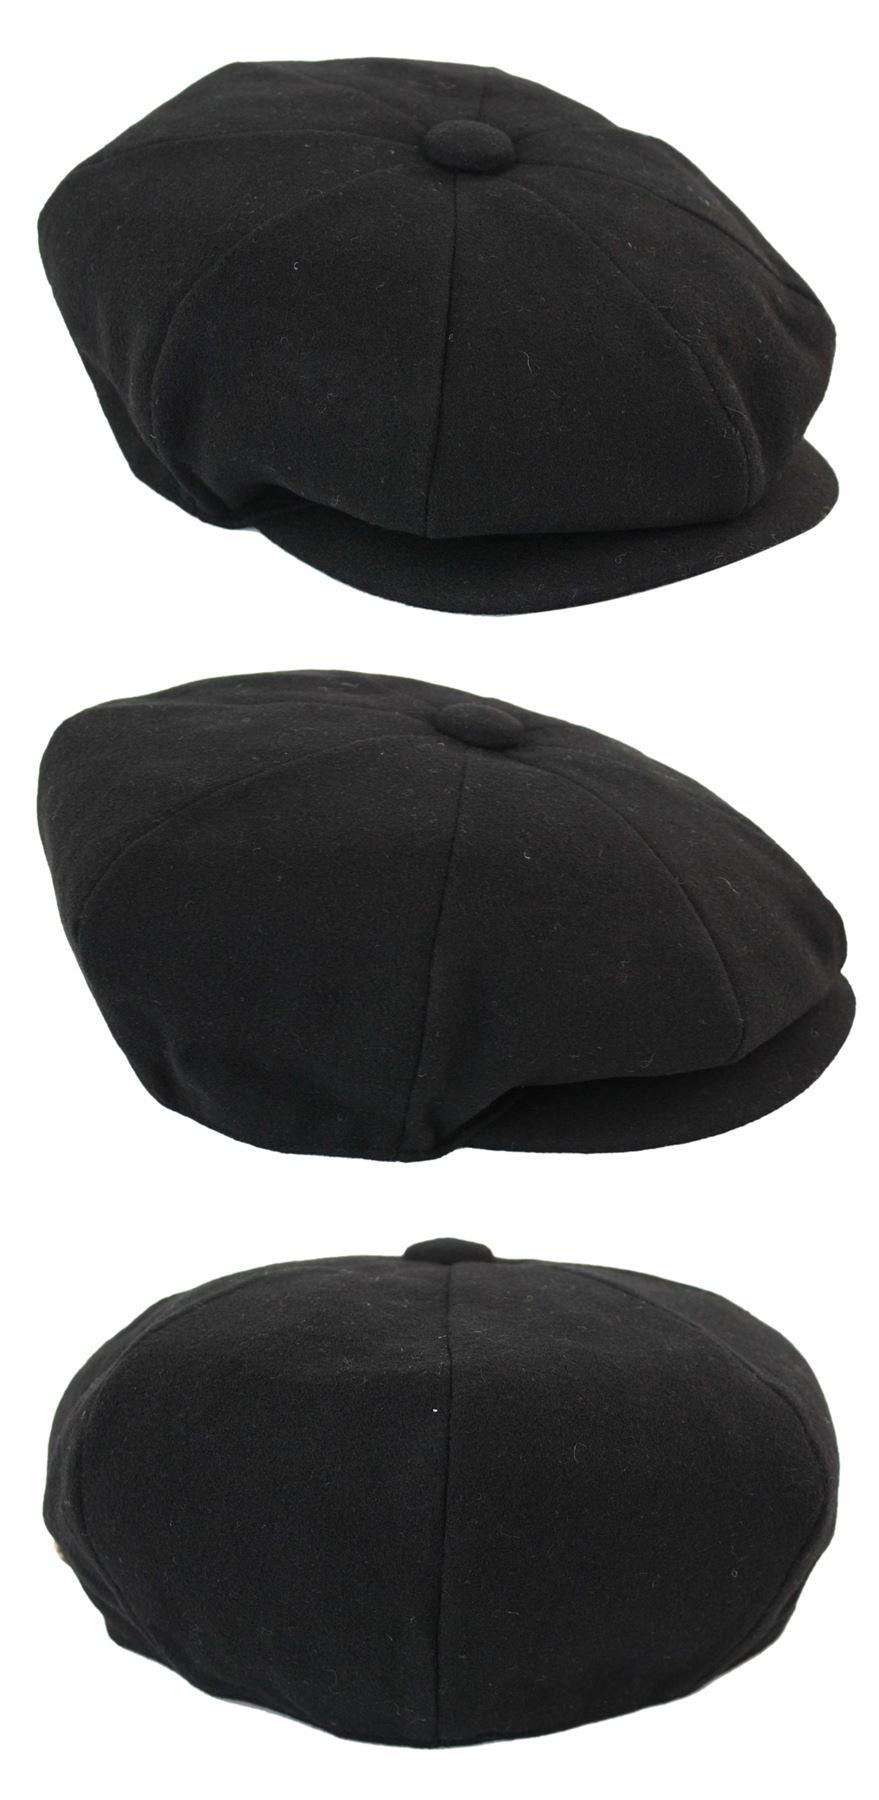 Herrenmütze Tweed Fischgräte Design Peaky Blinders Grandad Stil Rabatt Preis